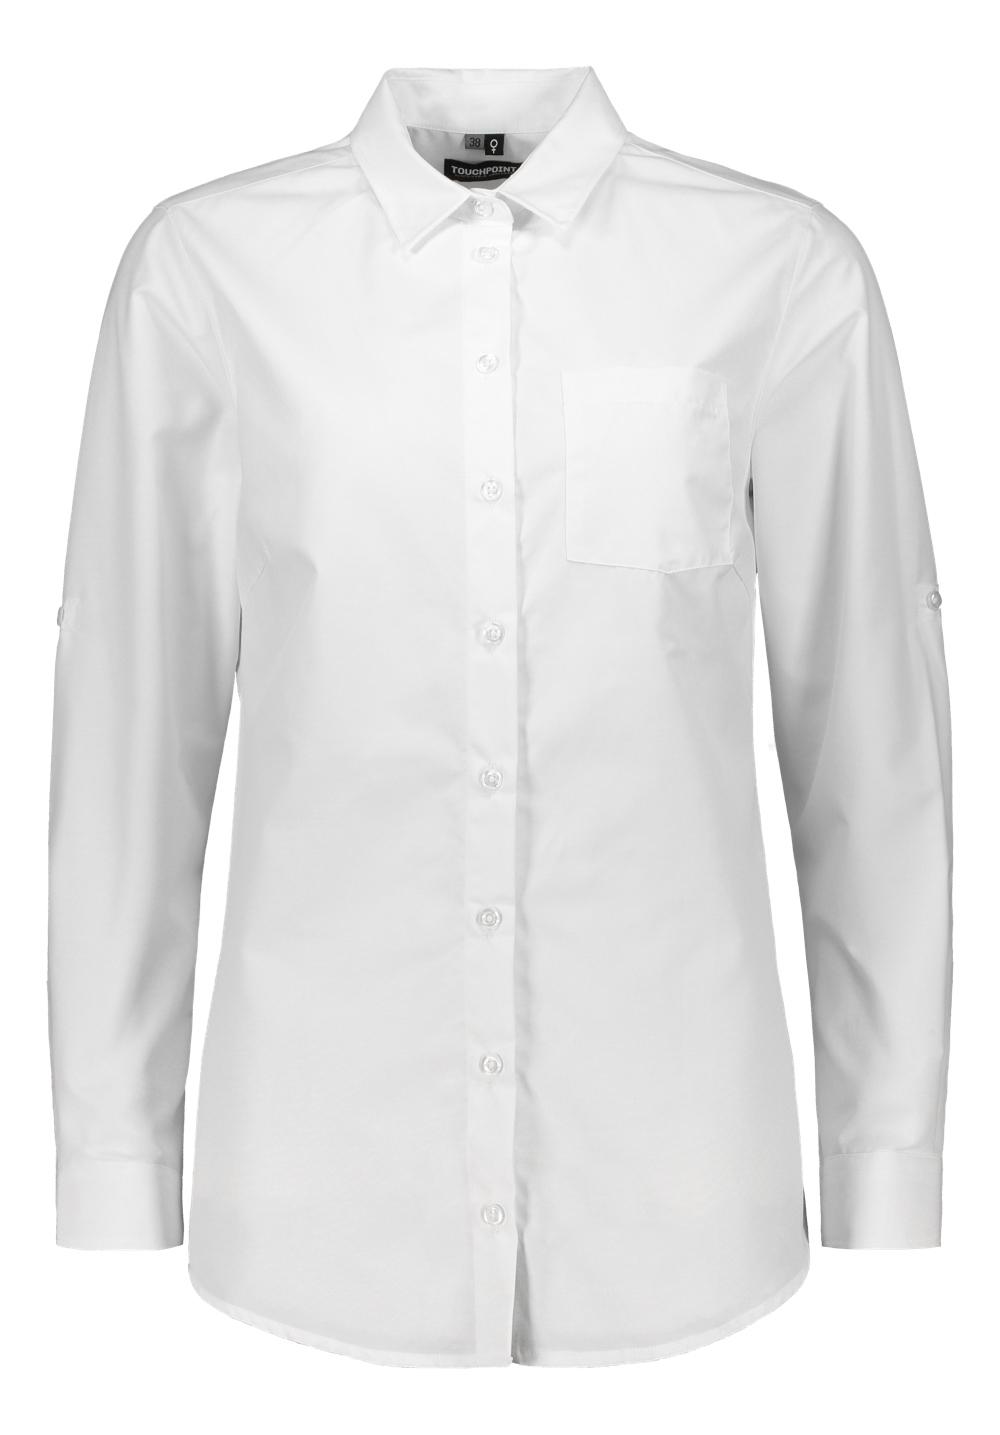 Roosa naisten paitapusero, valkoinen